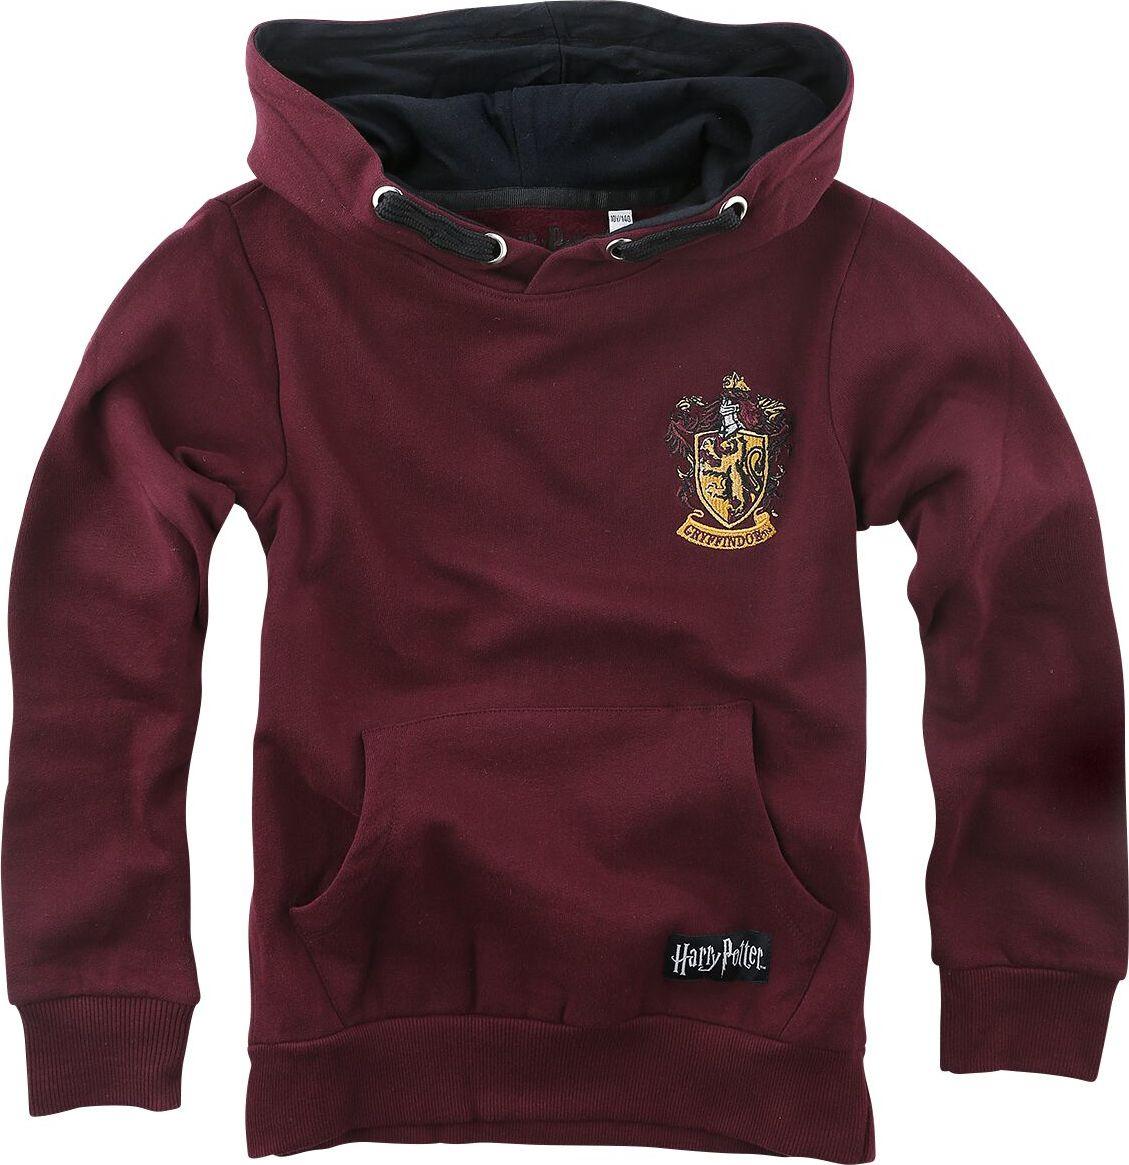 Harry Potter Gryffindor detská mikina s kapucí bordová